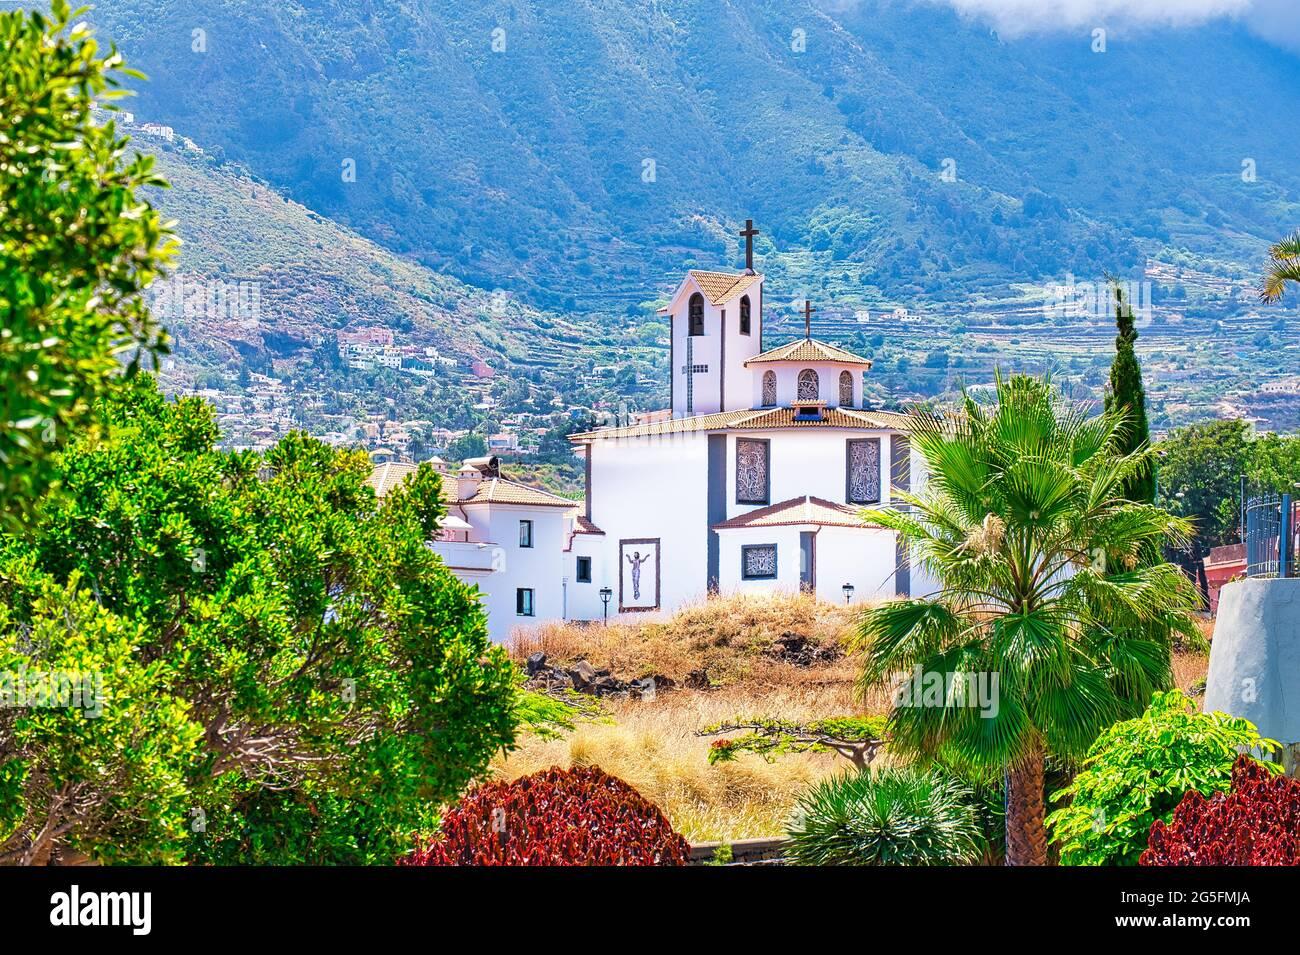 La Iglesia Ntra. Senora de la Paz dans le quartier la Paz de Puerto de la Cruz sur Tenerife. En arrière-plan la vallée d'Orotava. Banque D'Images